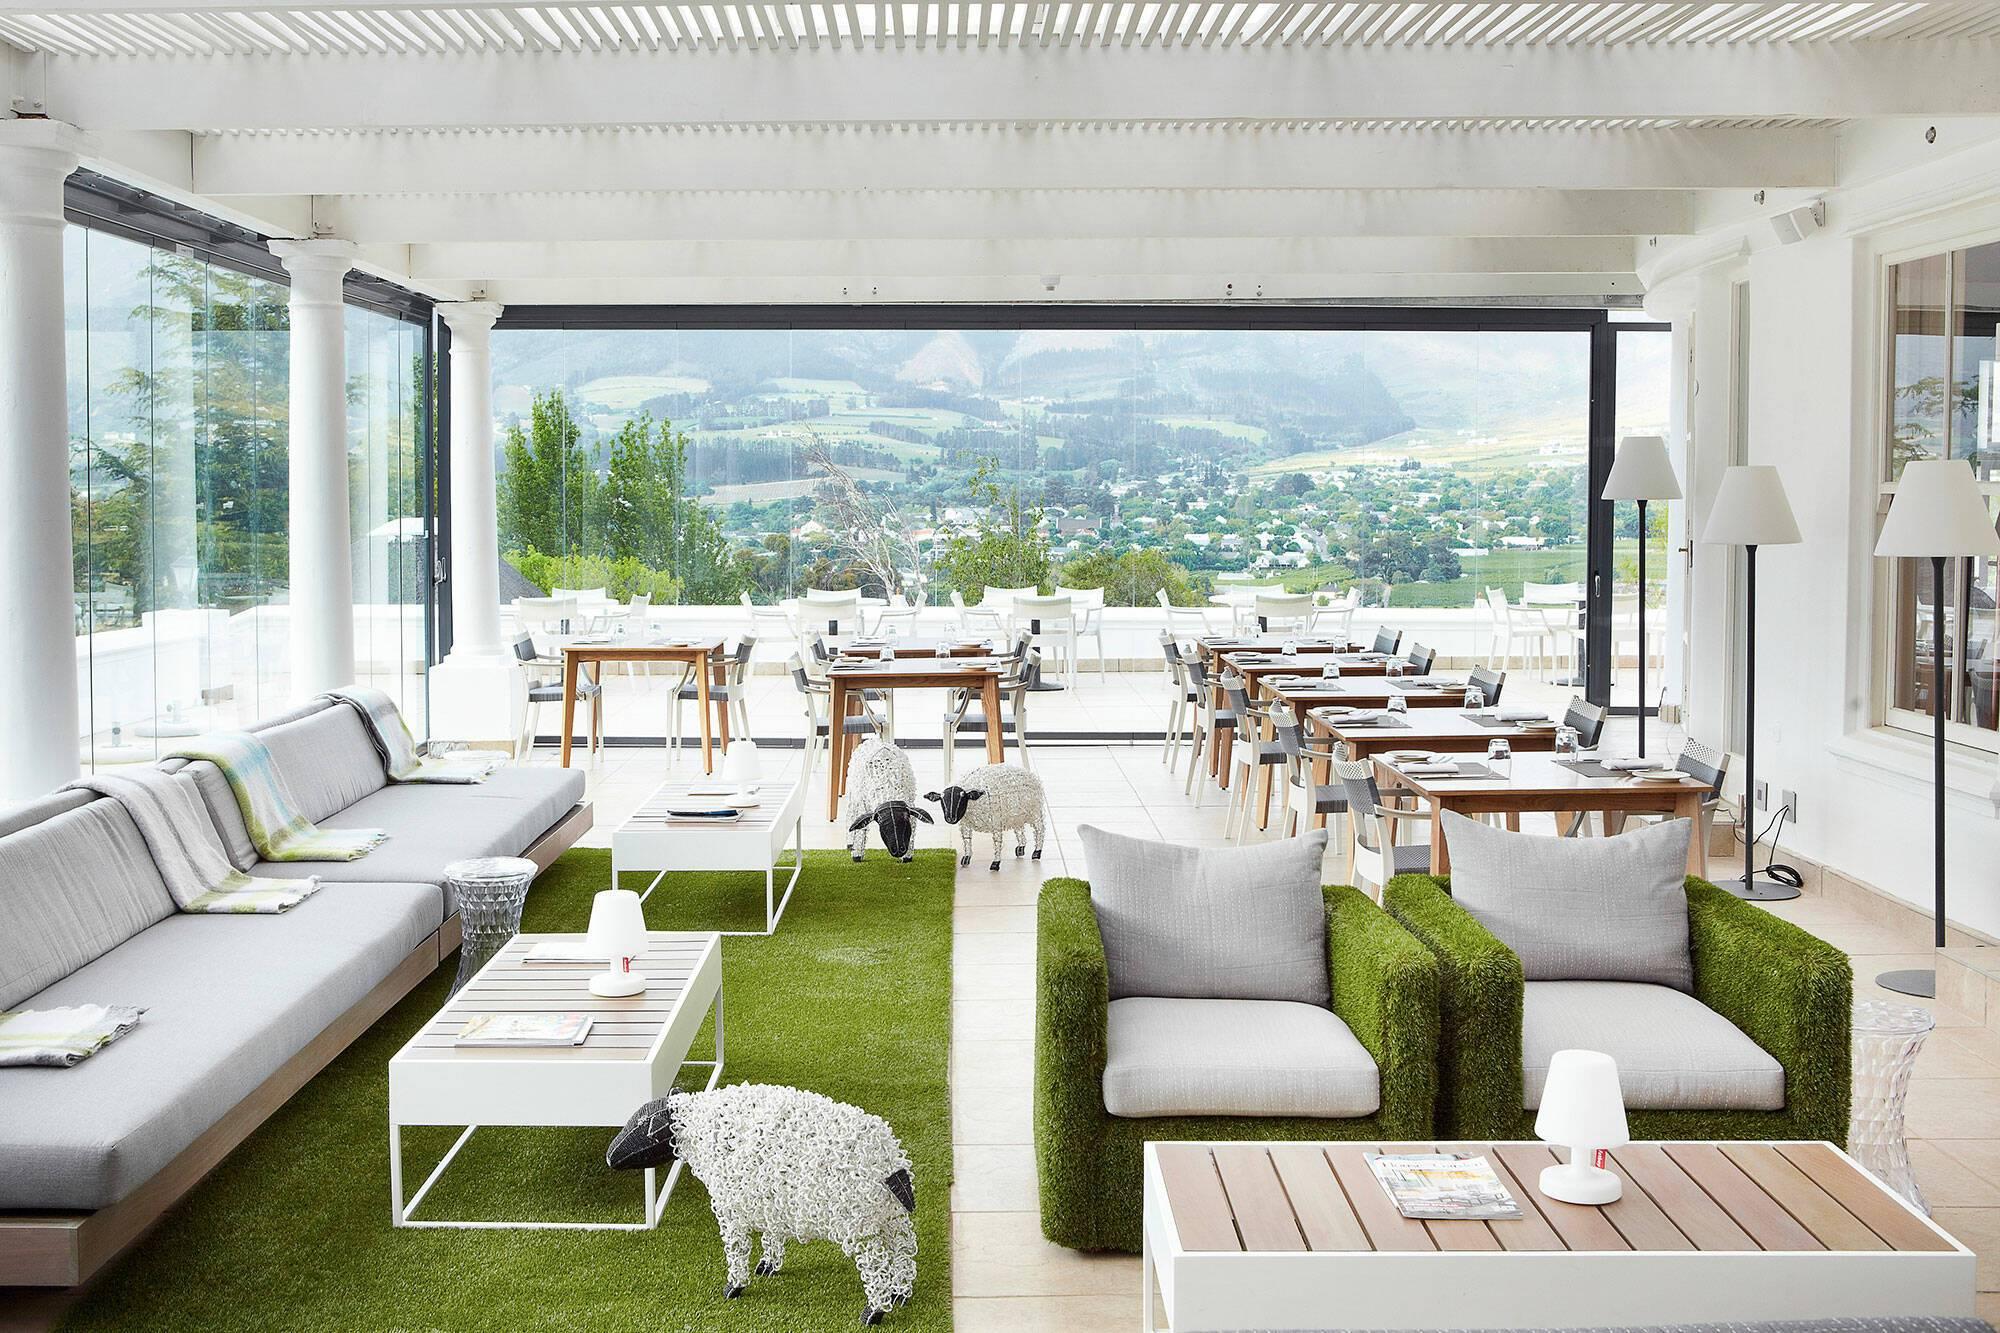 Virgin Mont Rochelle Afrique Sud Miko Restaurant